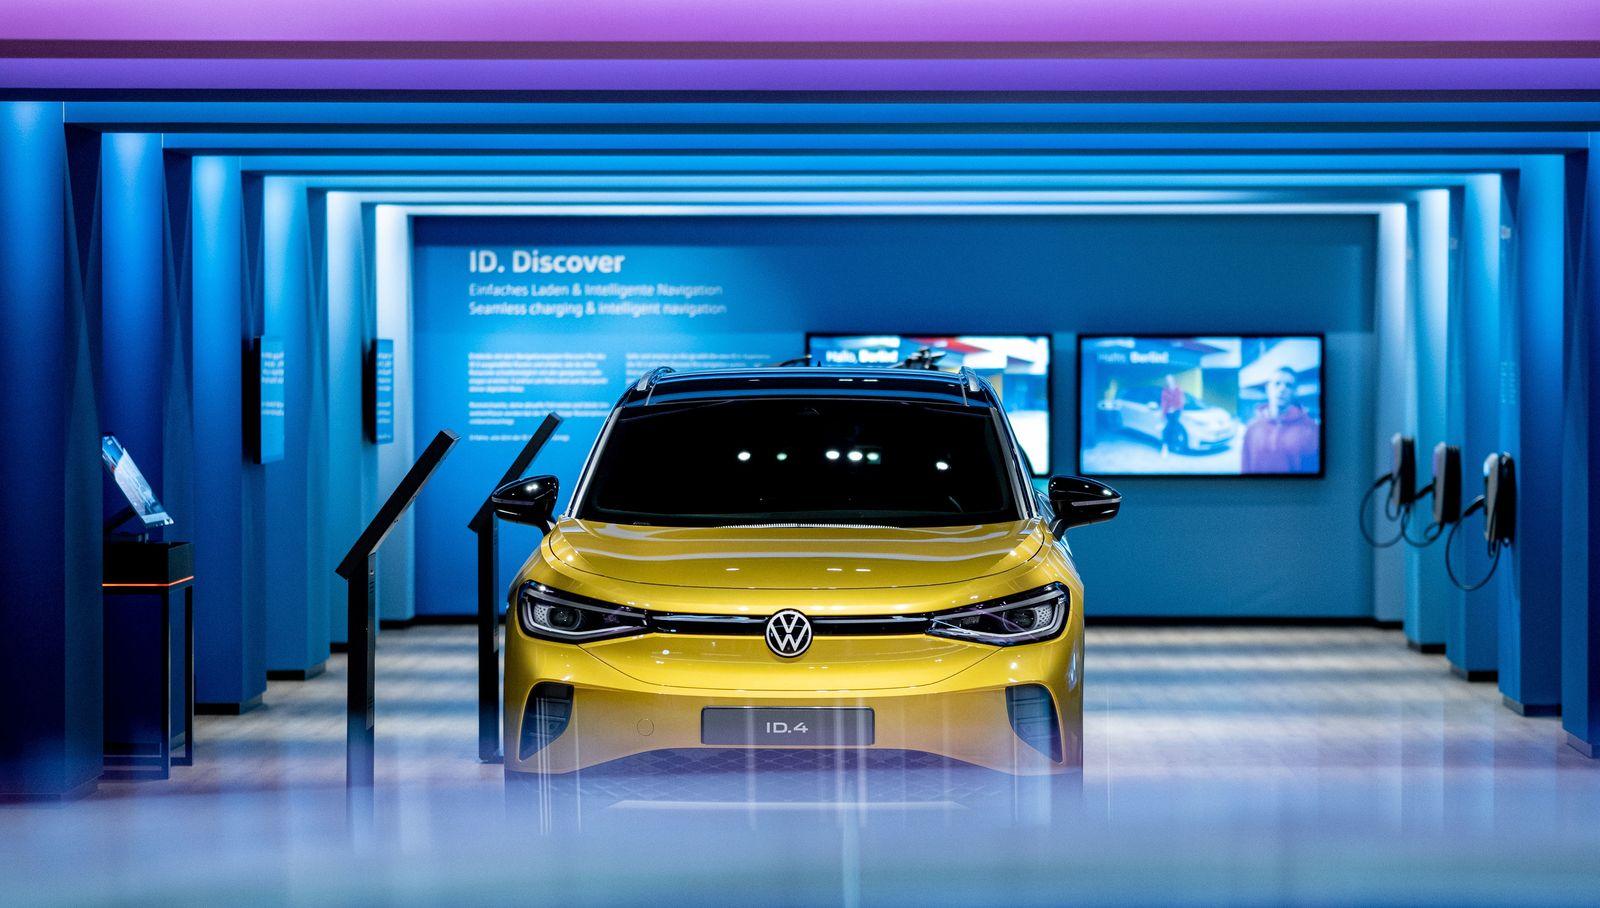 VW-Elektroautos im gläsernen Turm der Autostadt